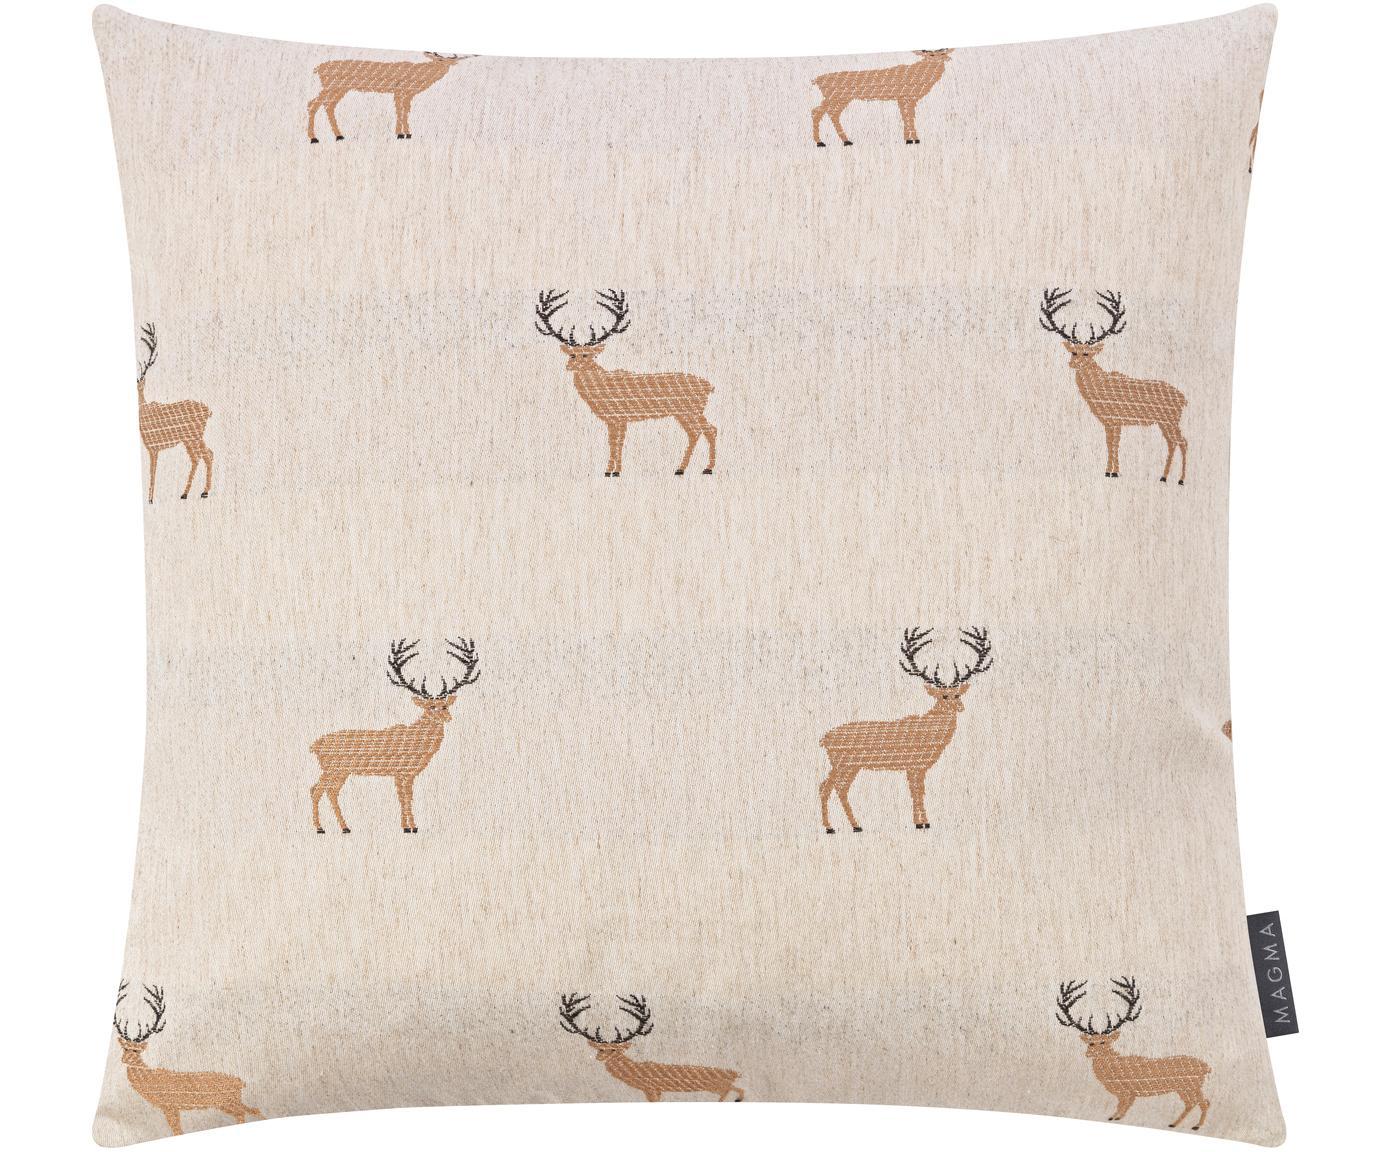 Federa arredo con motivo cervo Bruno, Retro: velluto di poliestere, Sabbia, marrone, nero, Larg. 50 x Lung. 50 cm